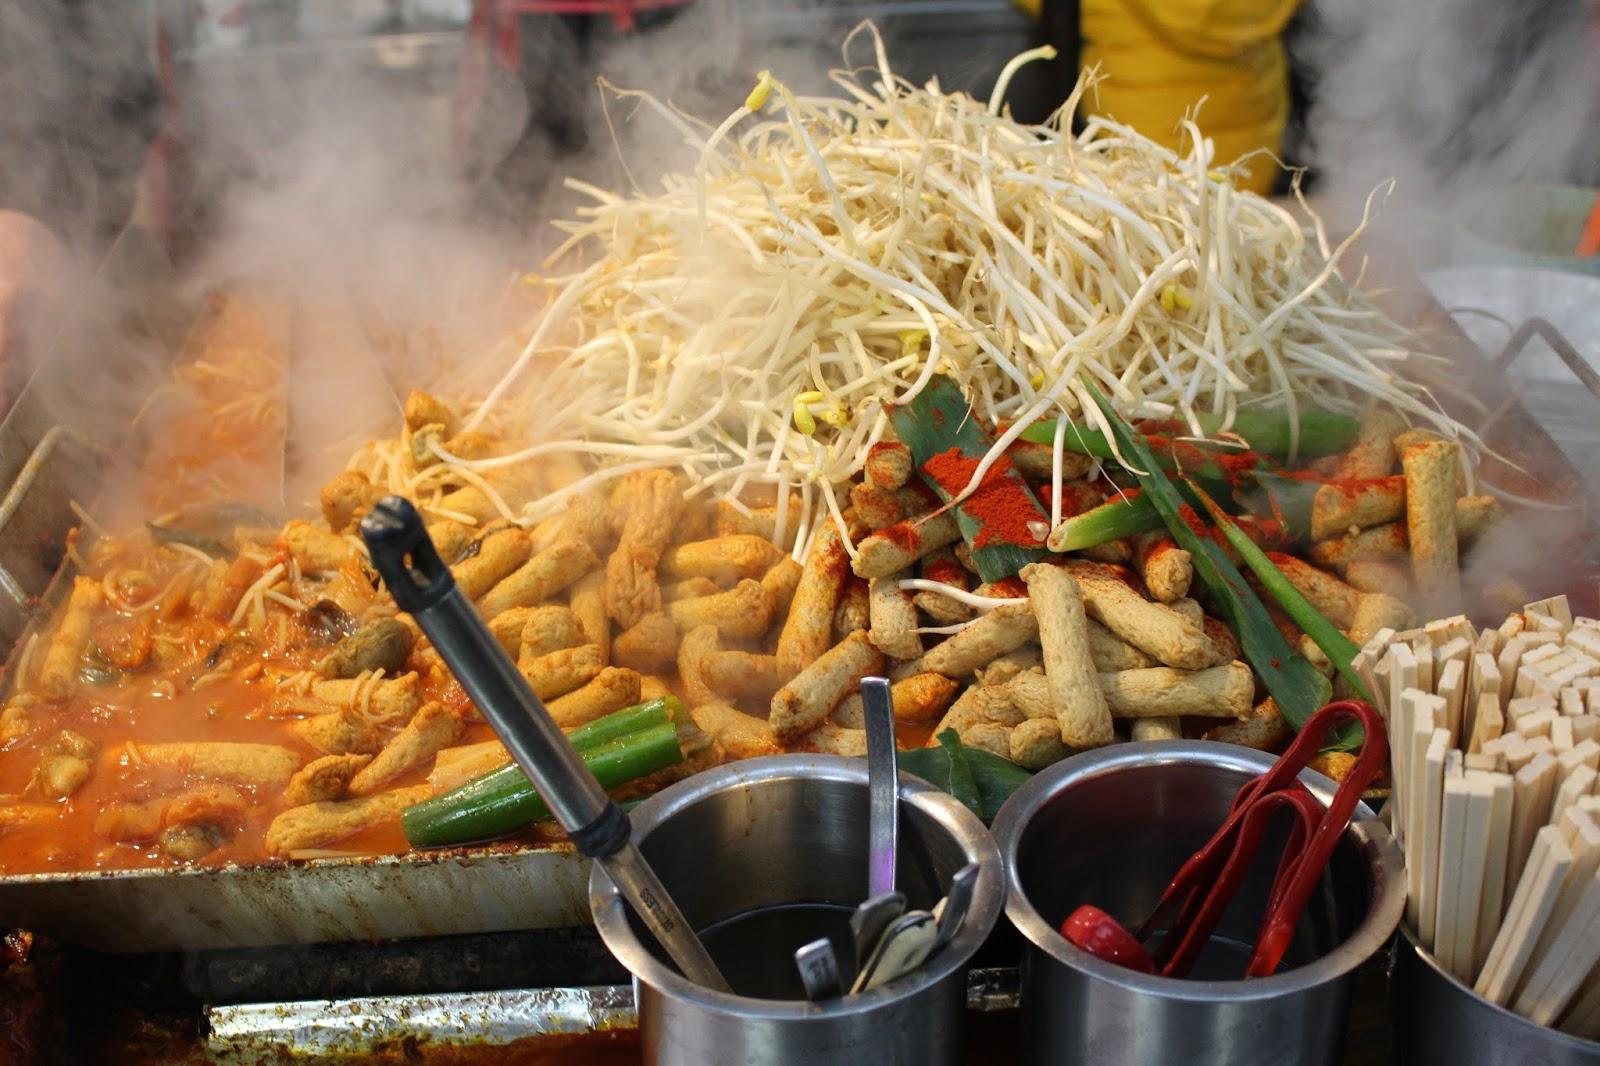 Fun Free Daegu Travel Top 5 Korean Winter Food Popular